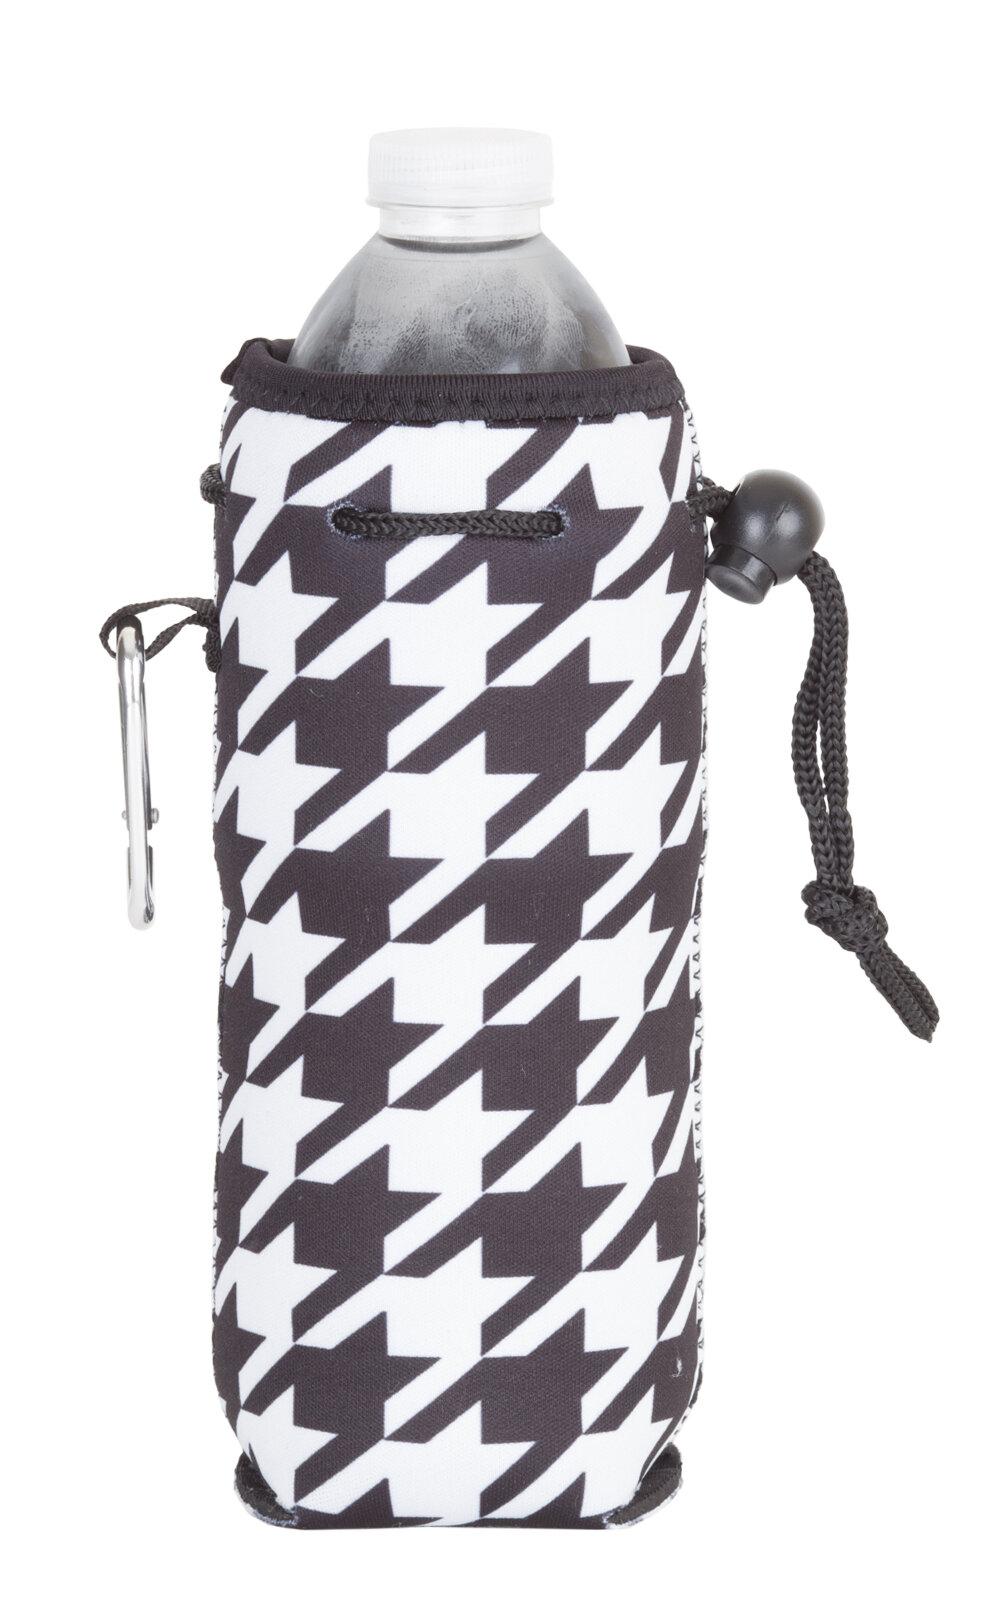 ZEEI Neoprene Houndstooth Bottle Cooler with Carabiner & Reviews ...